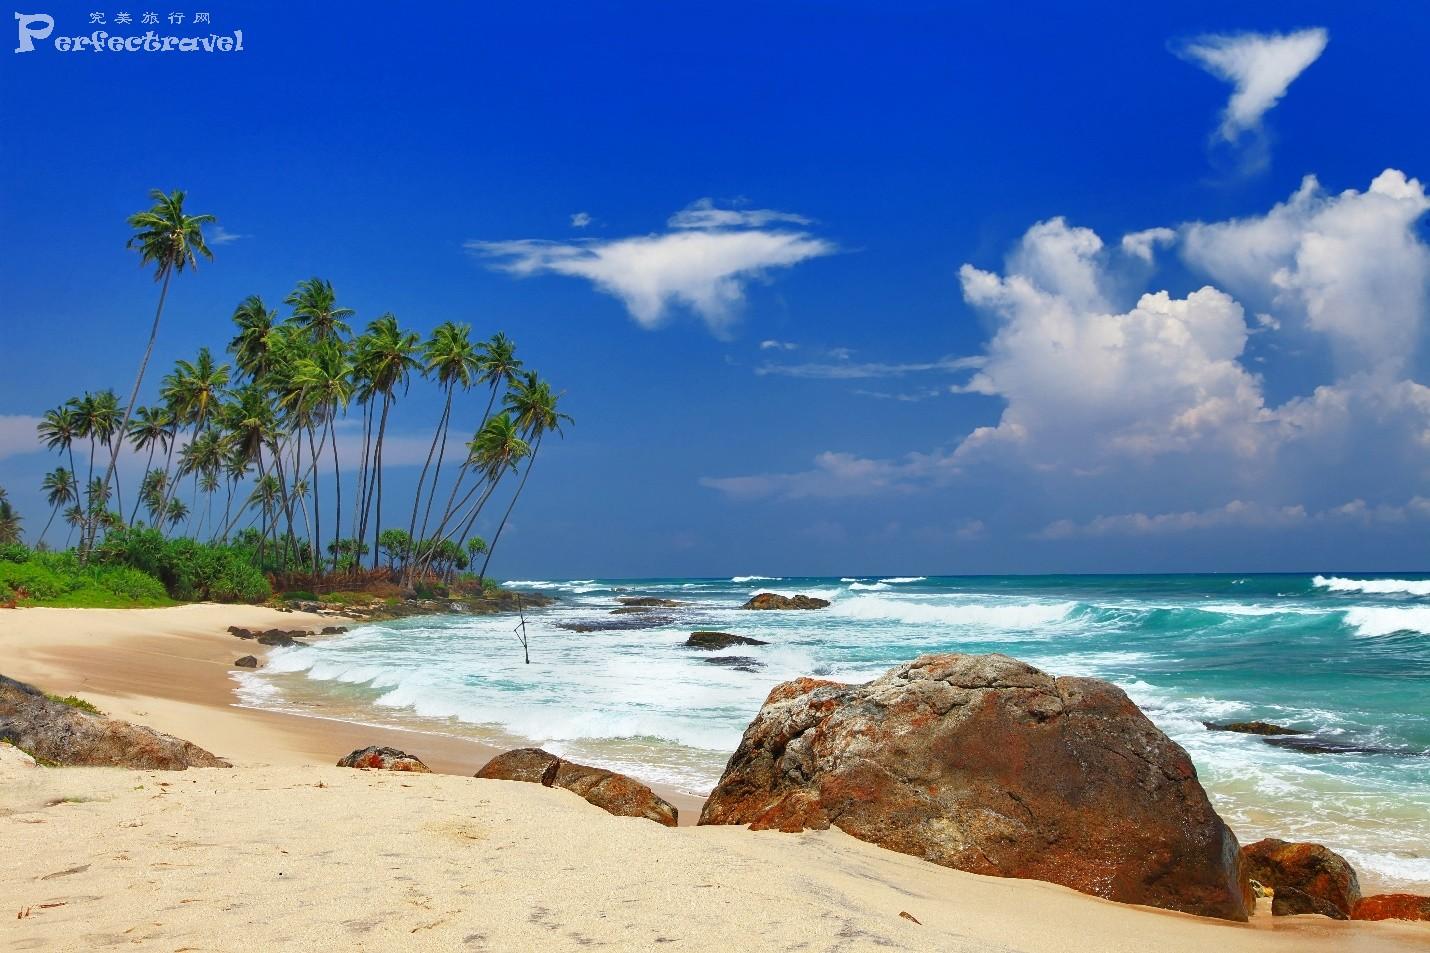 斯里兰卡11天10晚春节套餐:顶级酒店一网打尽! - 完美旅行Perfectravel - 完美旅行Perfectravel的博客